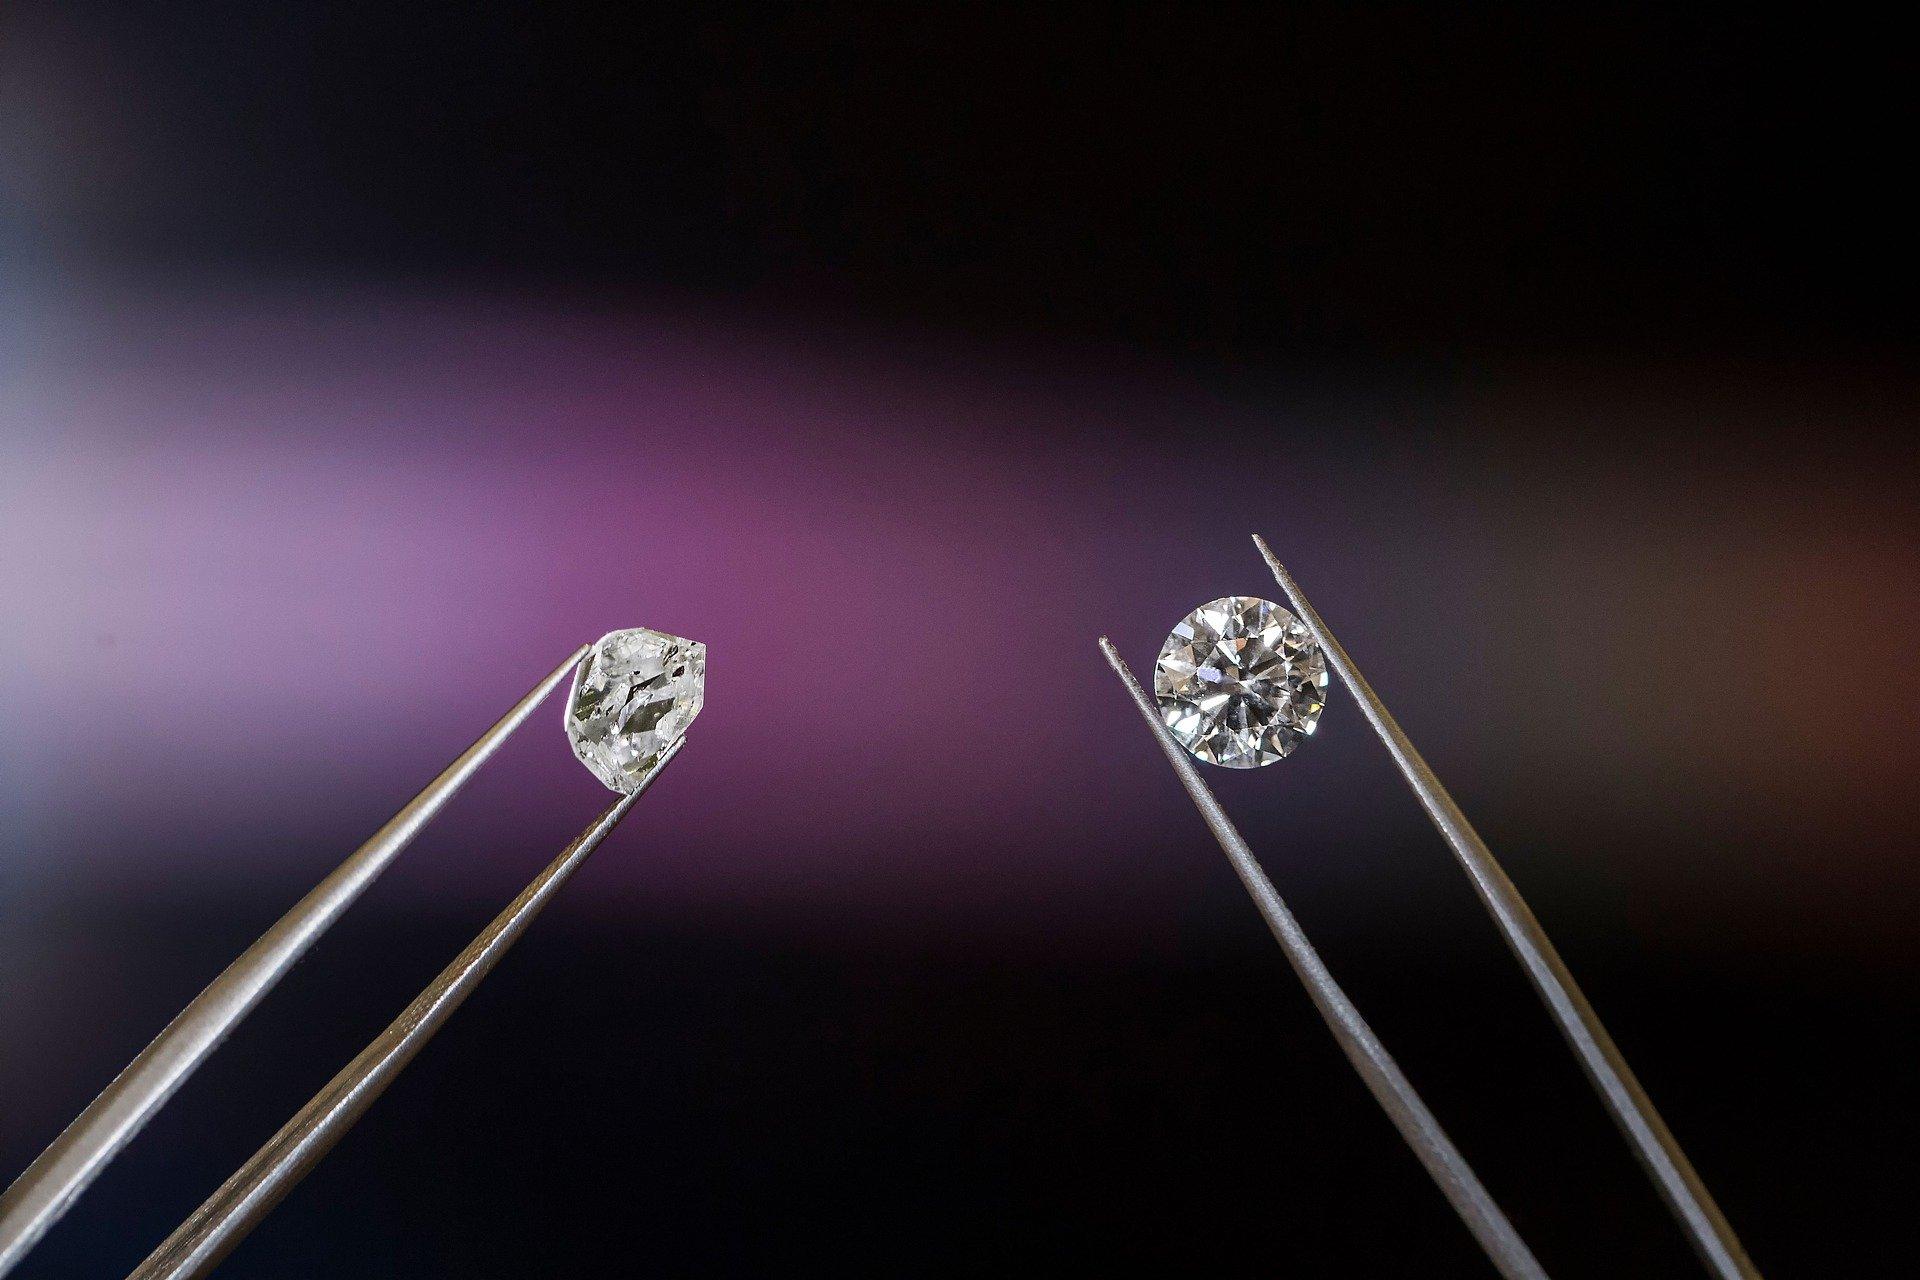 Геммологи США нашли криогенный алмаз-хамелеон, меняющий цвет